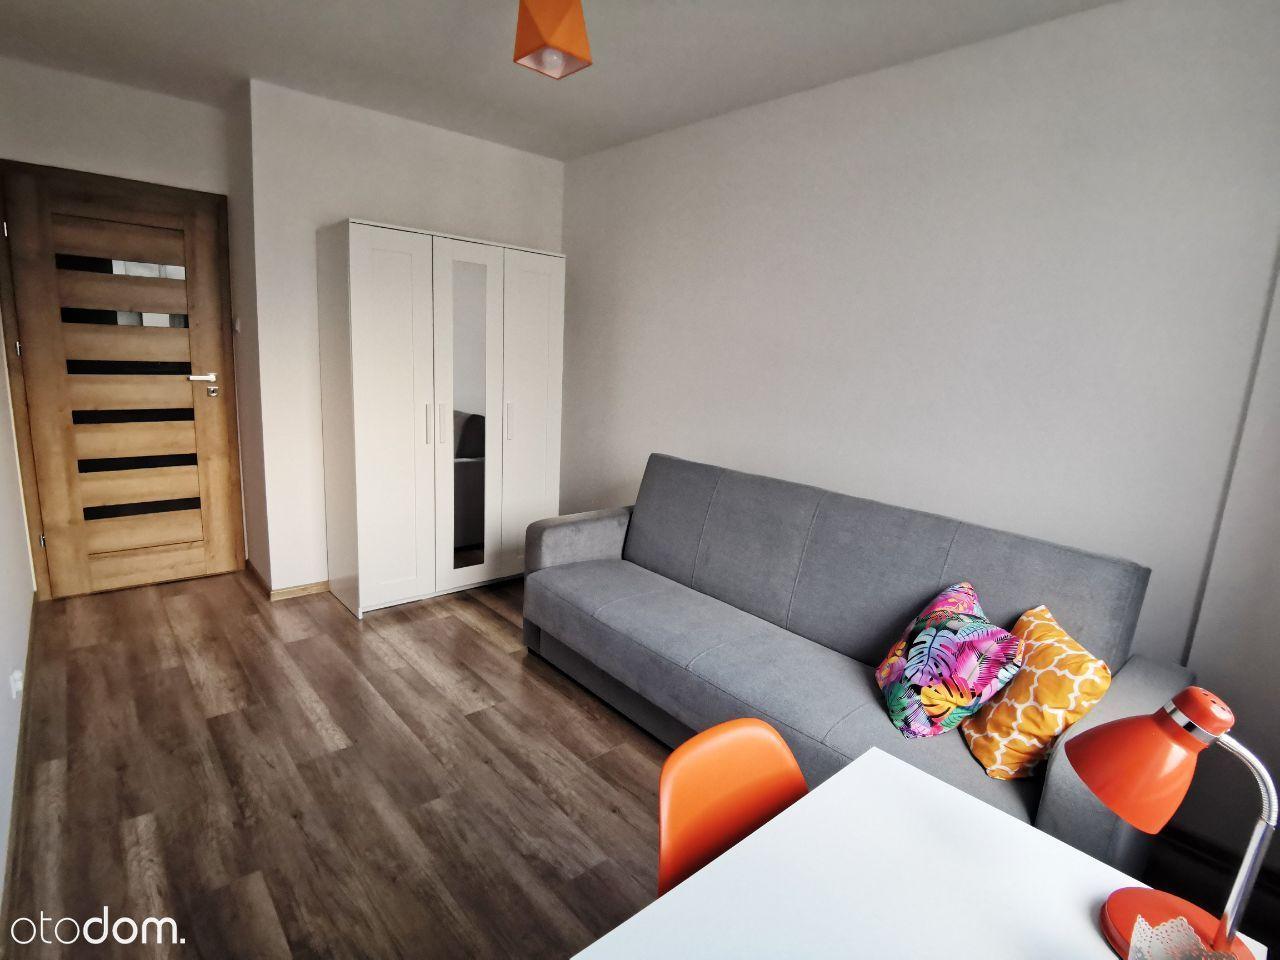 Nowy pokój na zielonym i chronionym osiedlu!